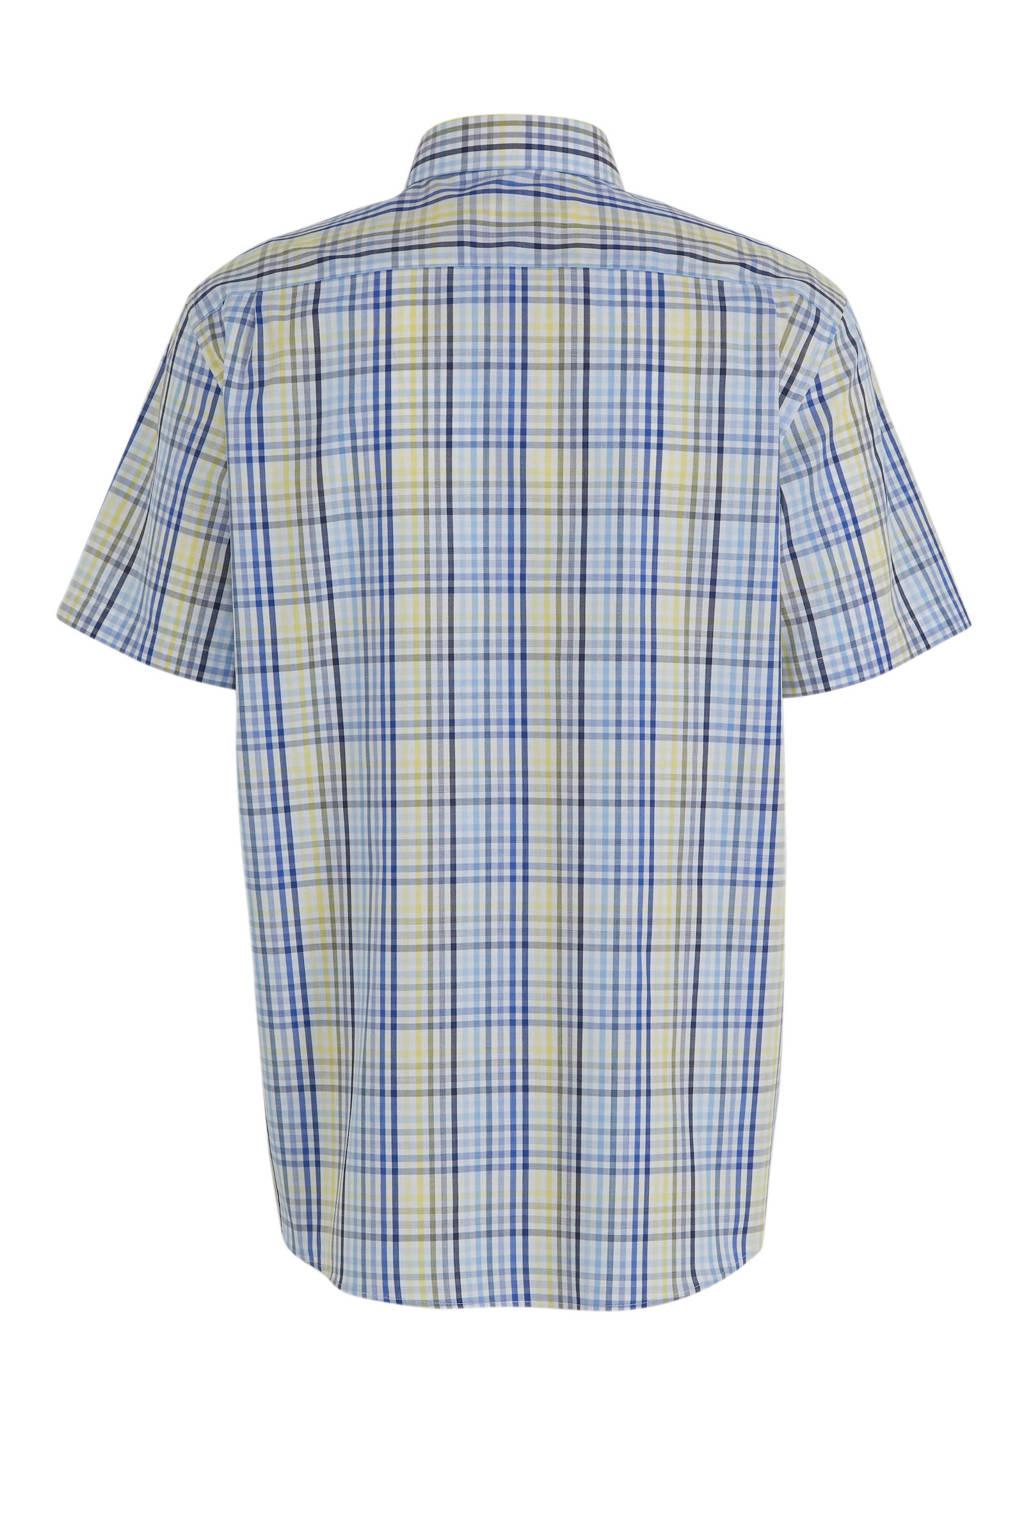 C&A Canda geruit regular fit overhemd blauw, Blauw